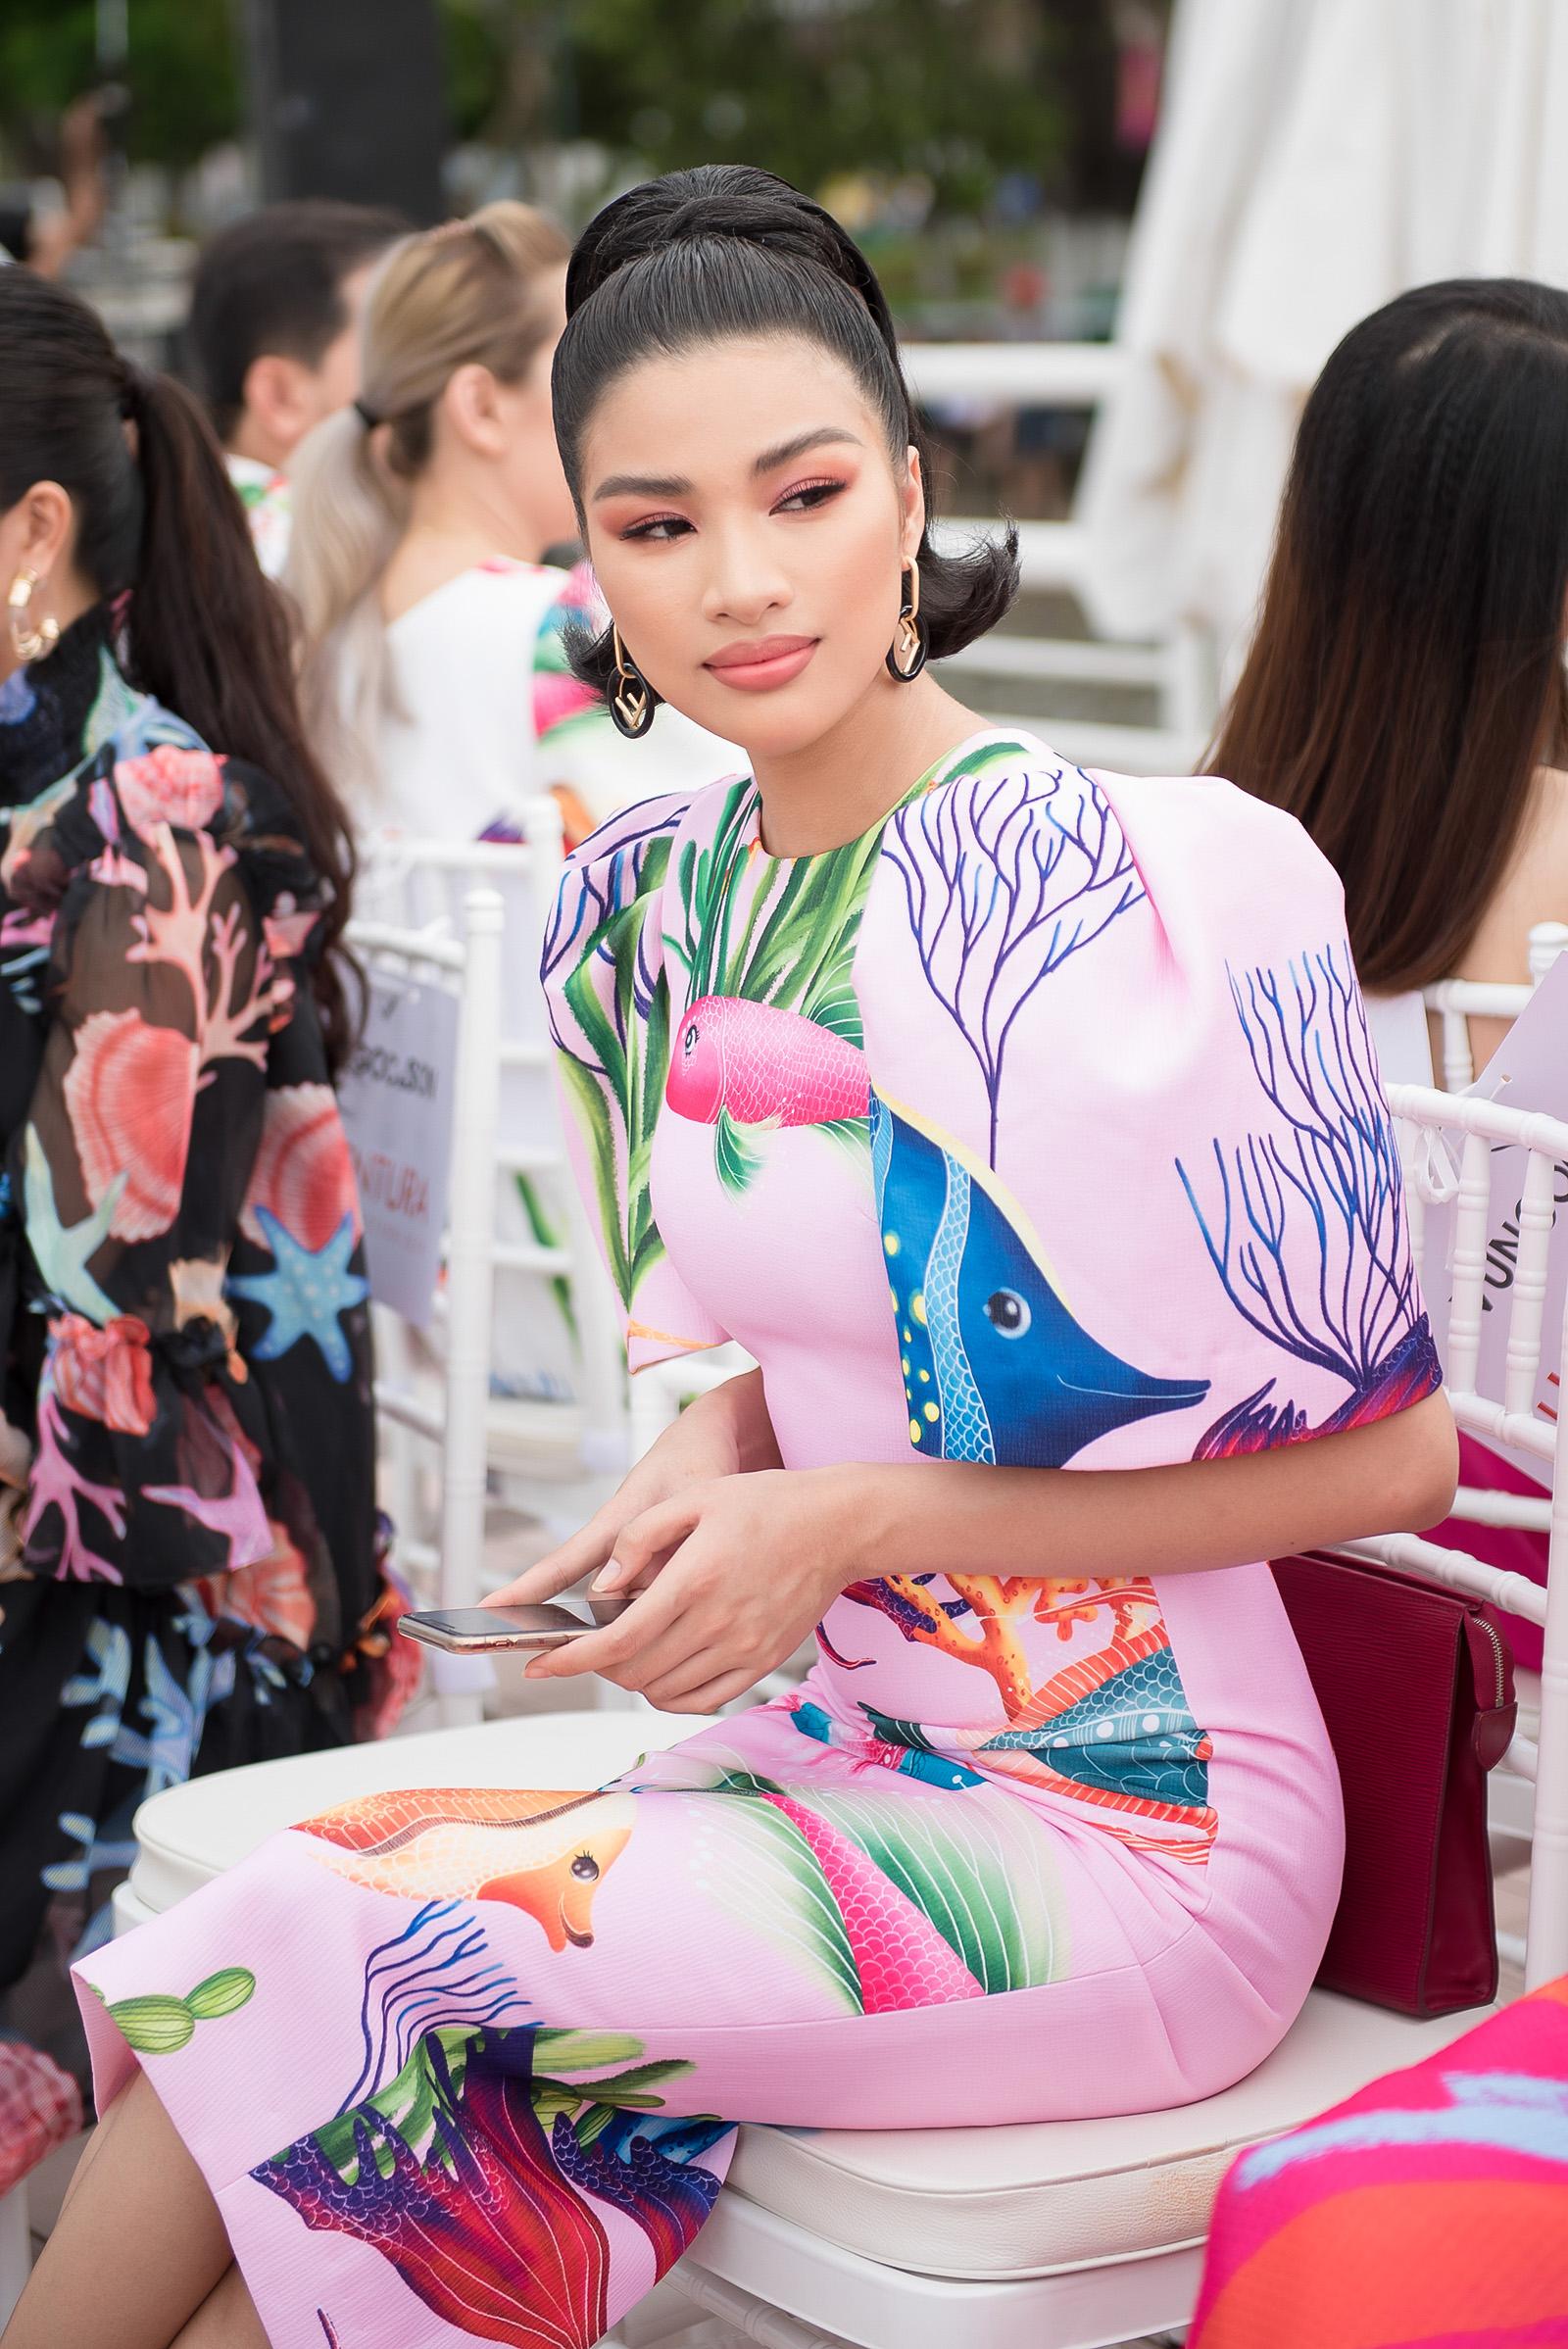 'Người đẹp số nhọ' Nguyễn Thị Thành ngày càng lên đời về nhan sắc 9